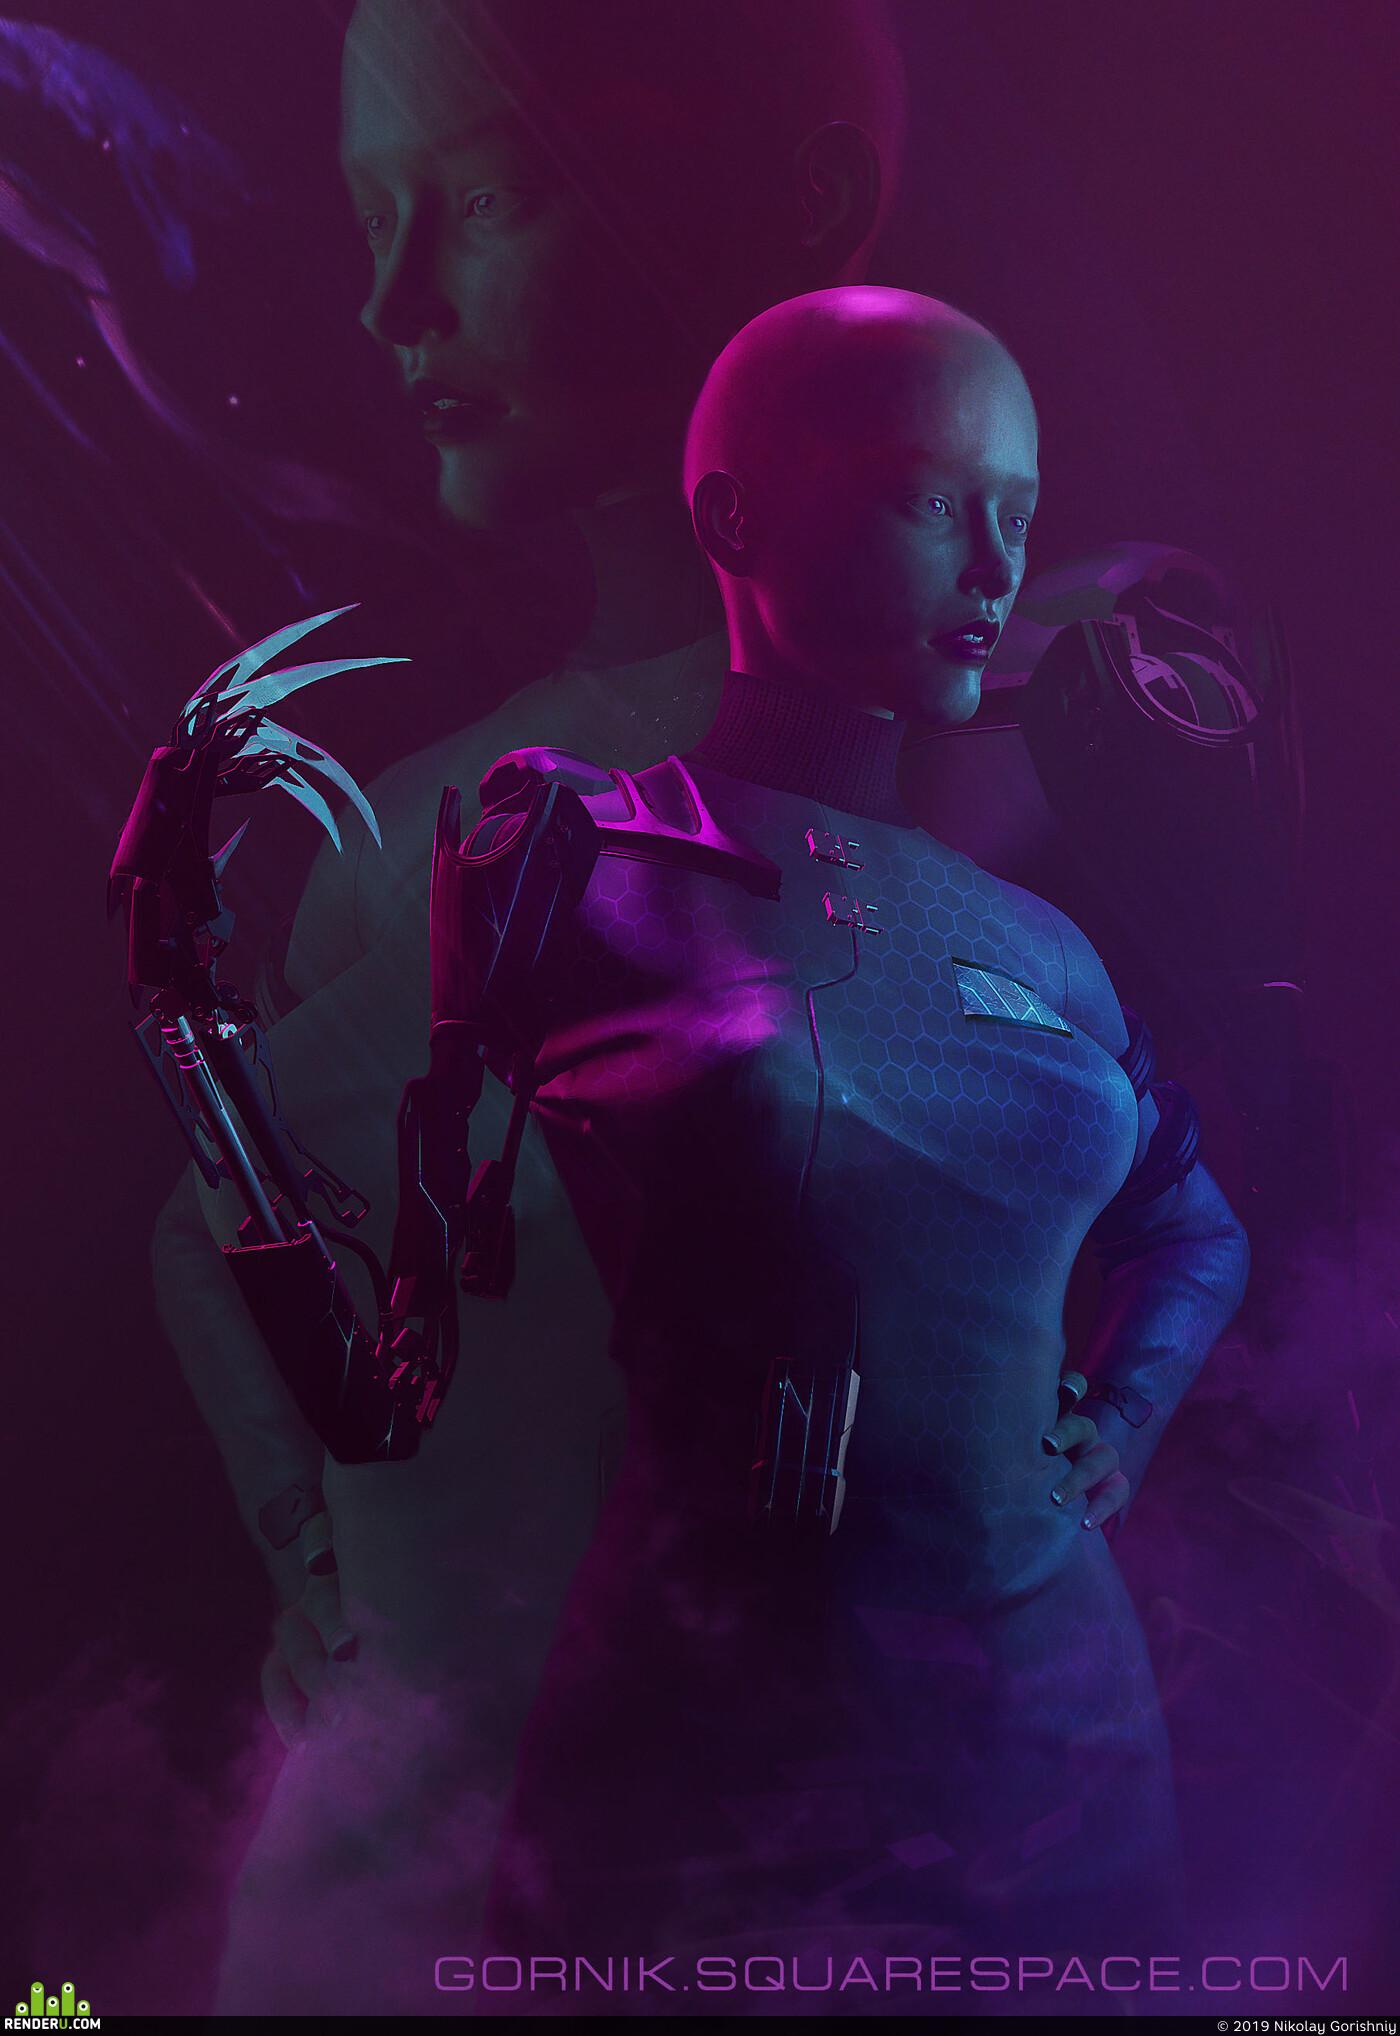 блендер, девушка, доктор, ученый, киберпанк, неон, темная госпожа